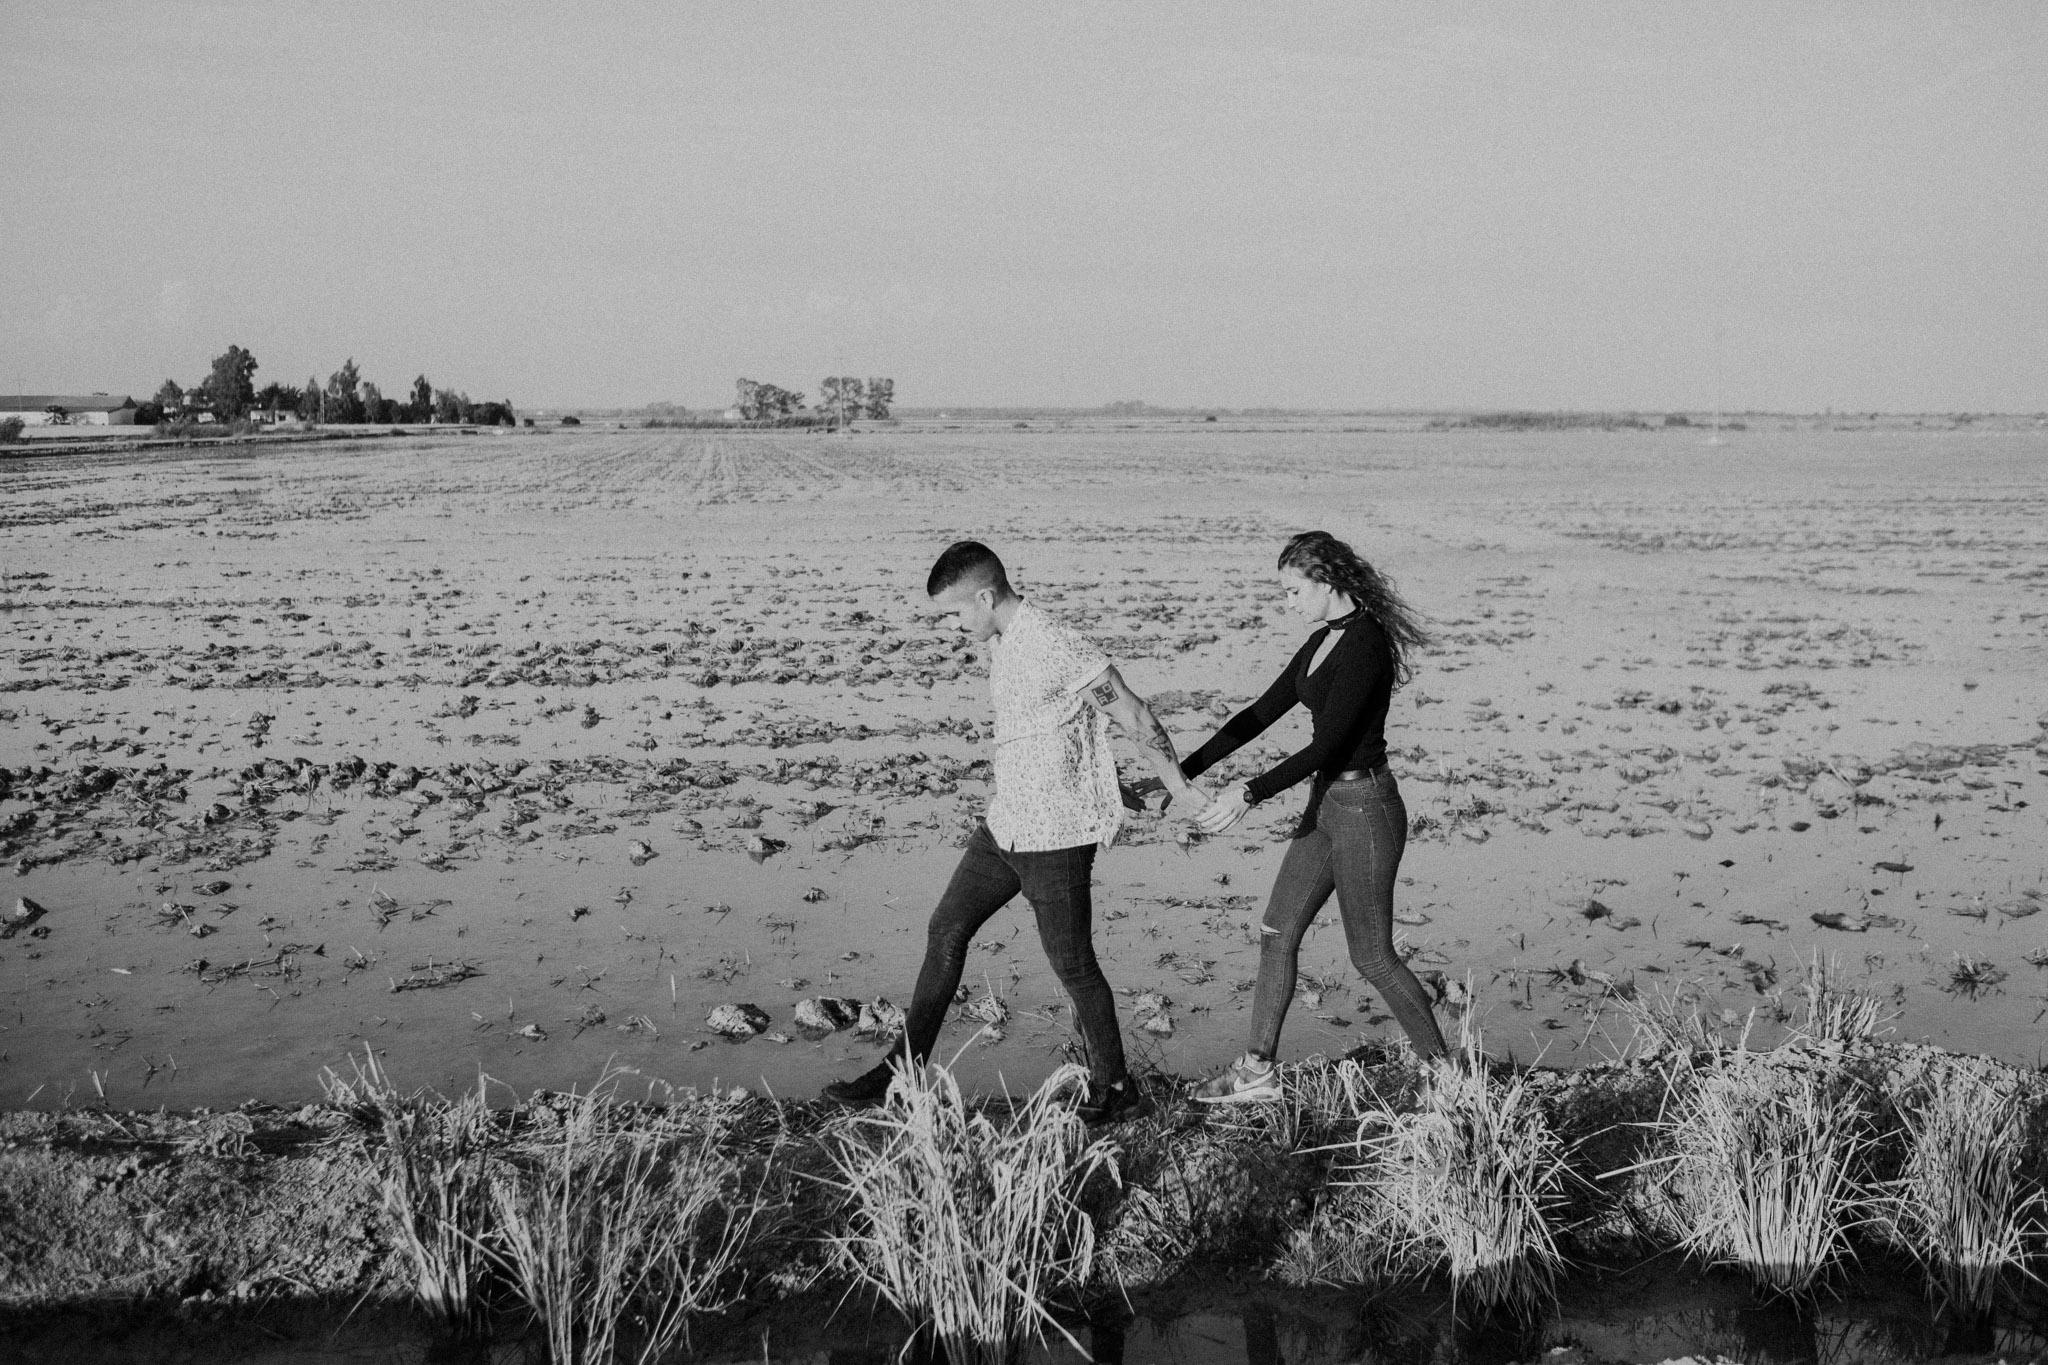 Diego&Lola_DFW_Wedding_Photography_13.jpg